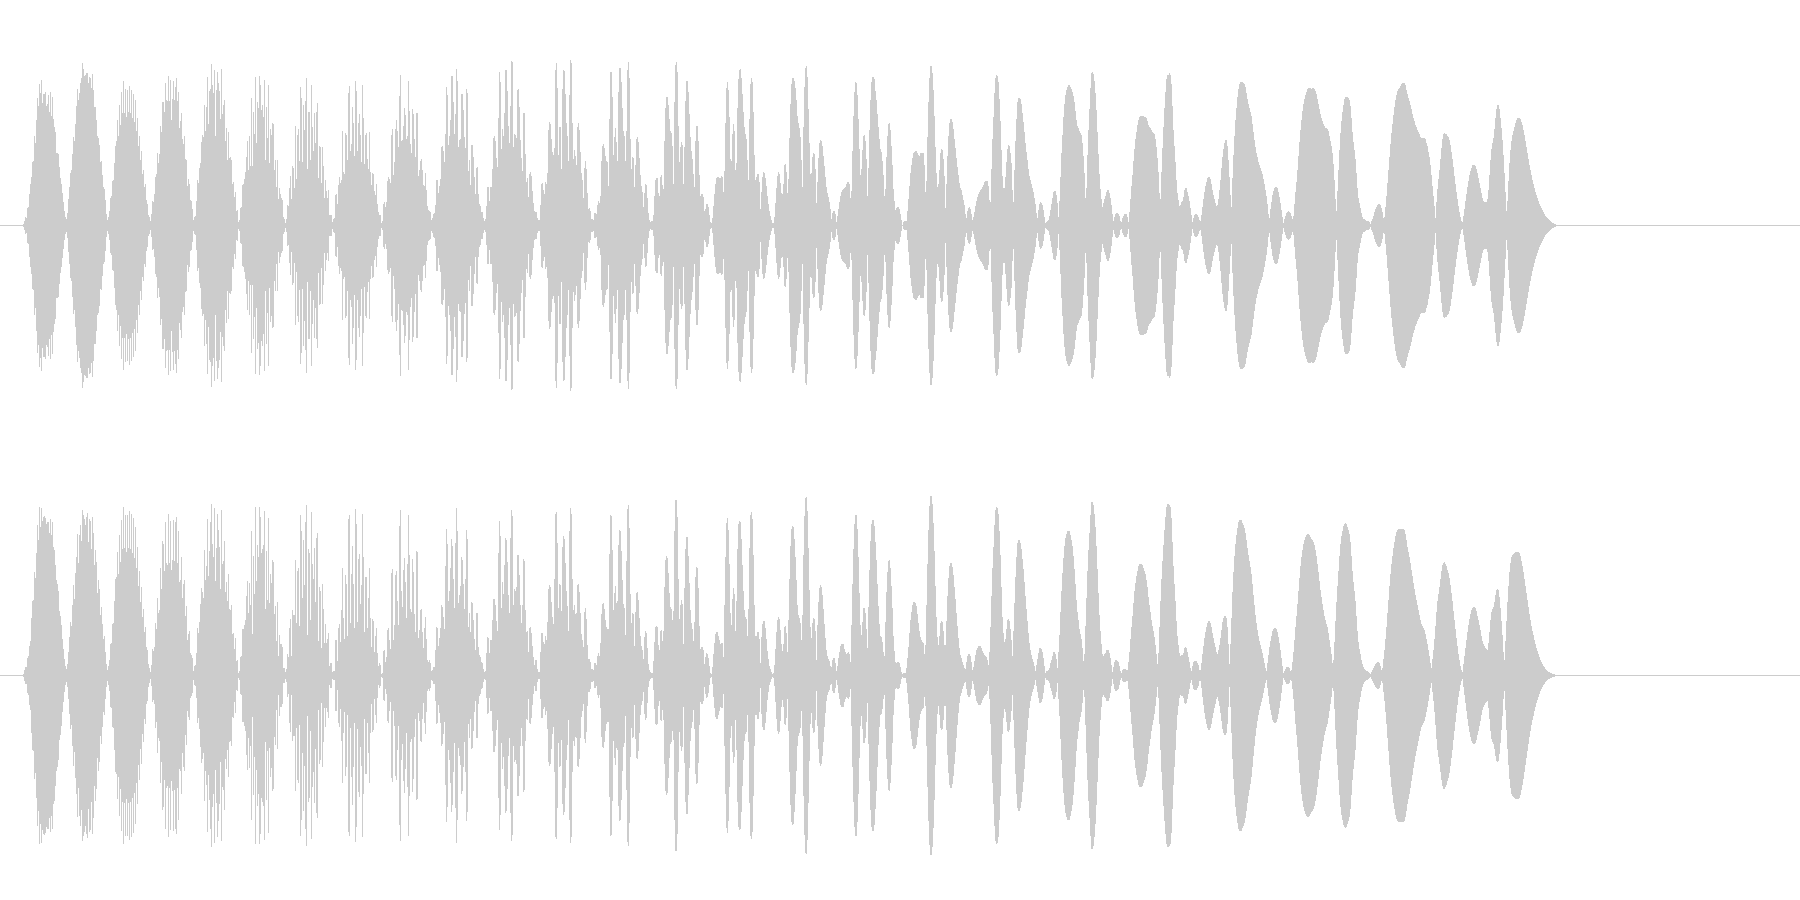 ピュウン!(シンプルな軽い発射音)の未再生の波形